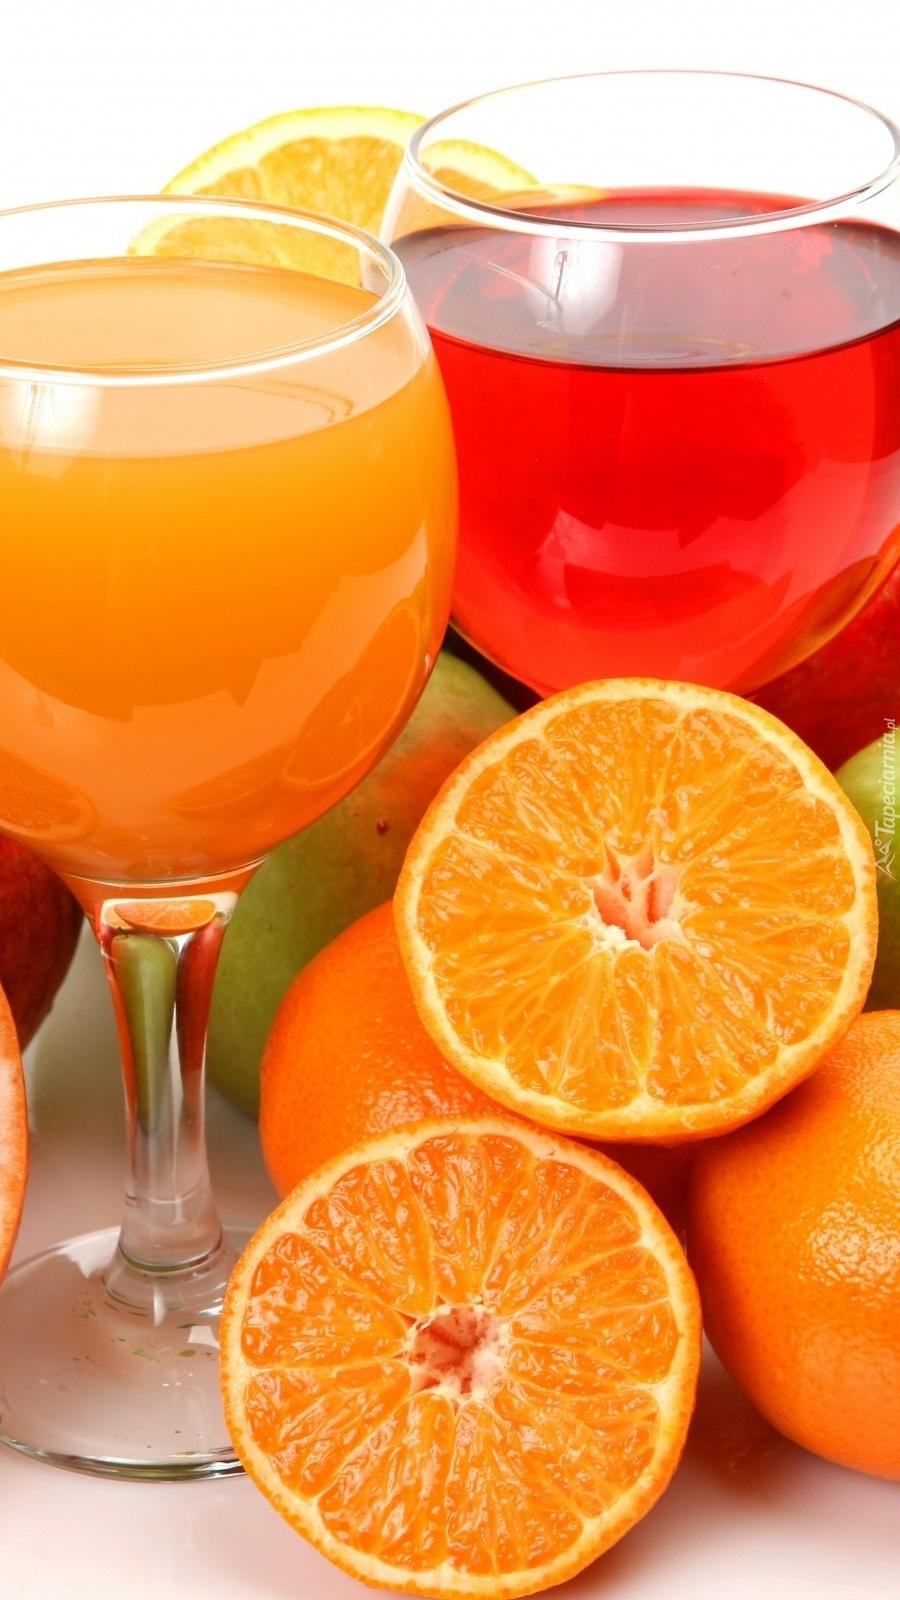 Kieliszki z sokami i owoce